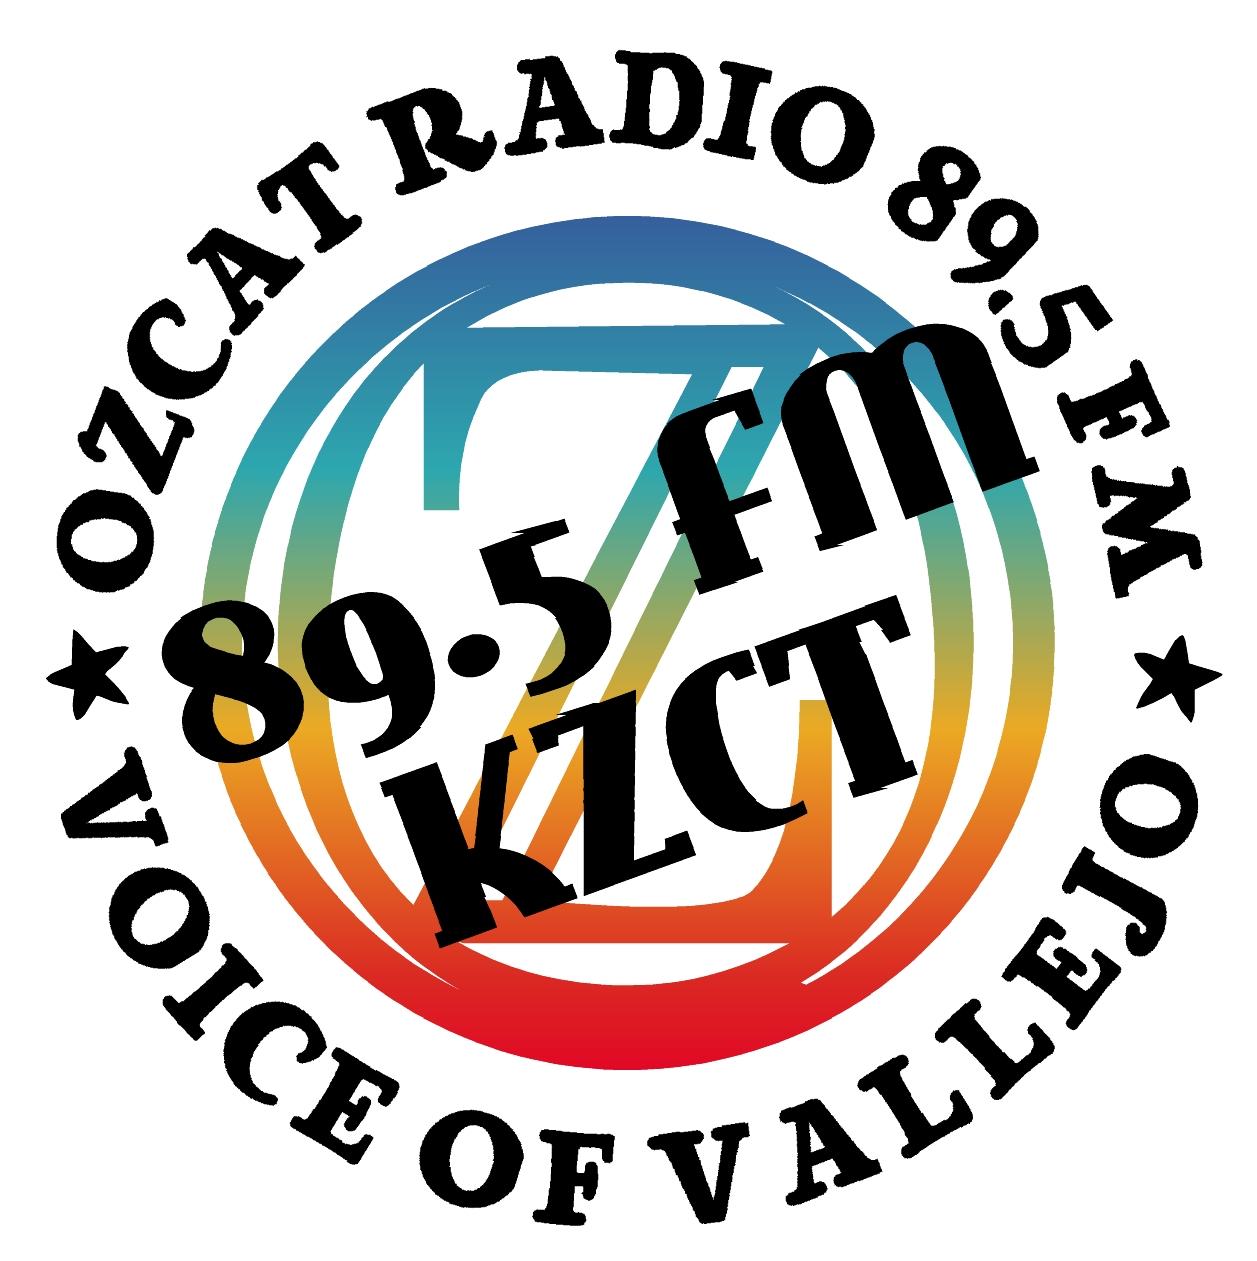 Ozcat 89.5 FM KZCT